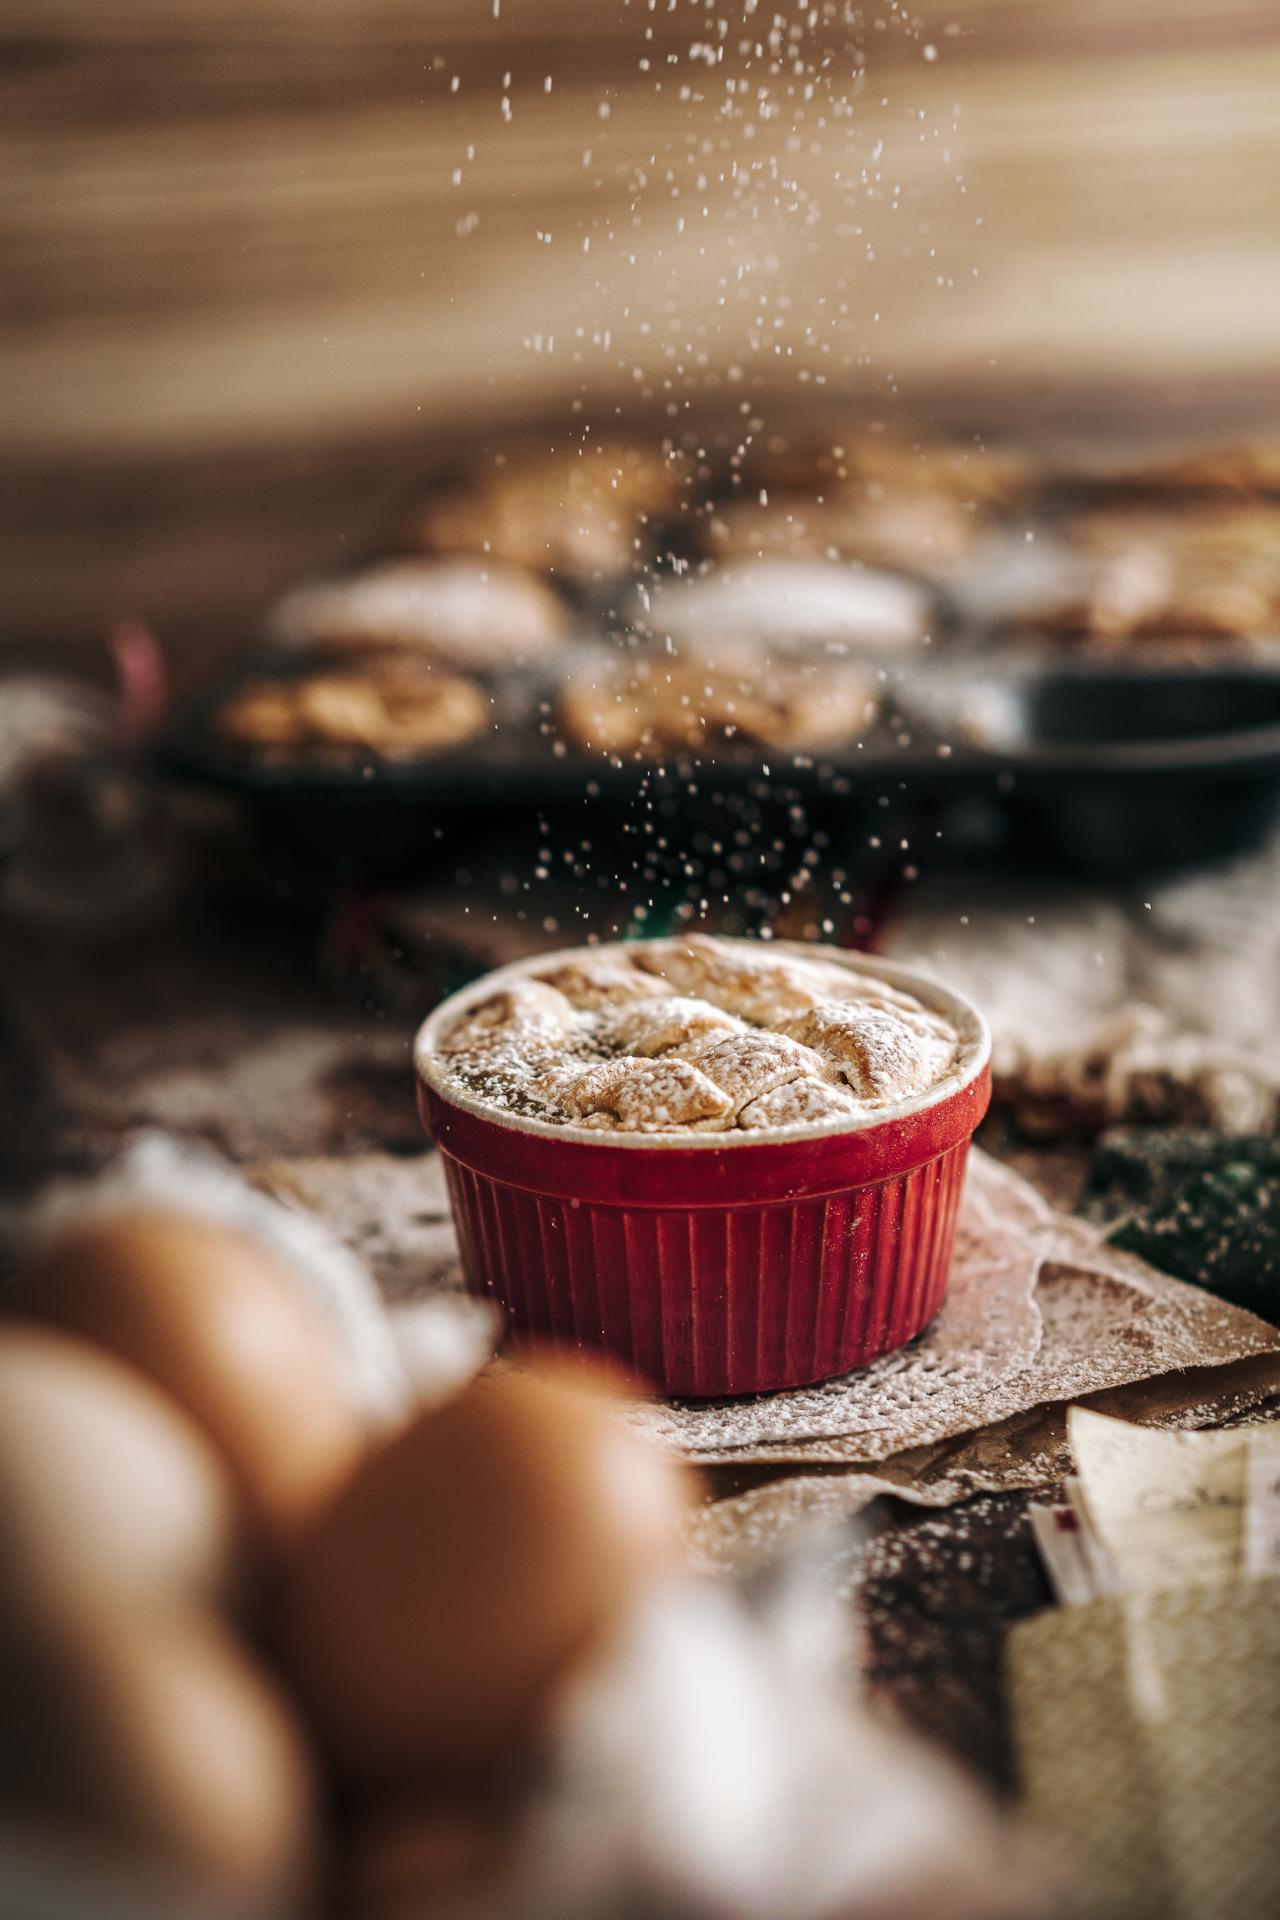 Mise en avant de la cuisine par allison micallef photographe culinaire